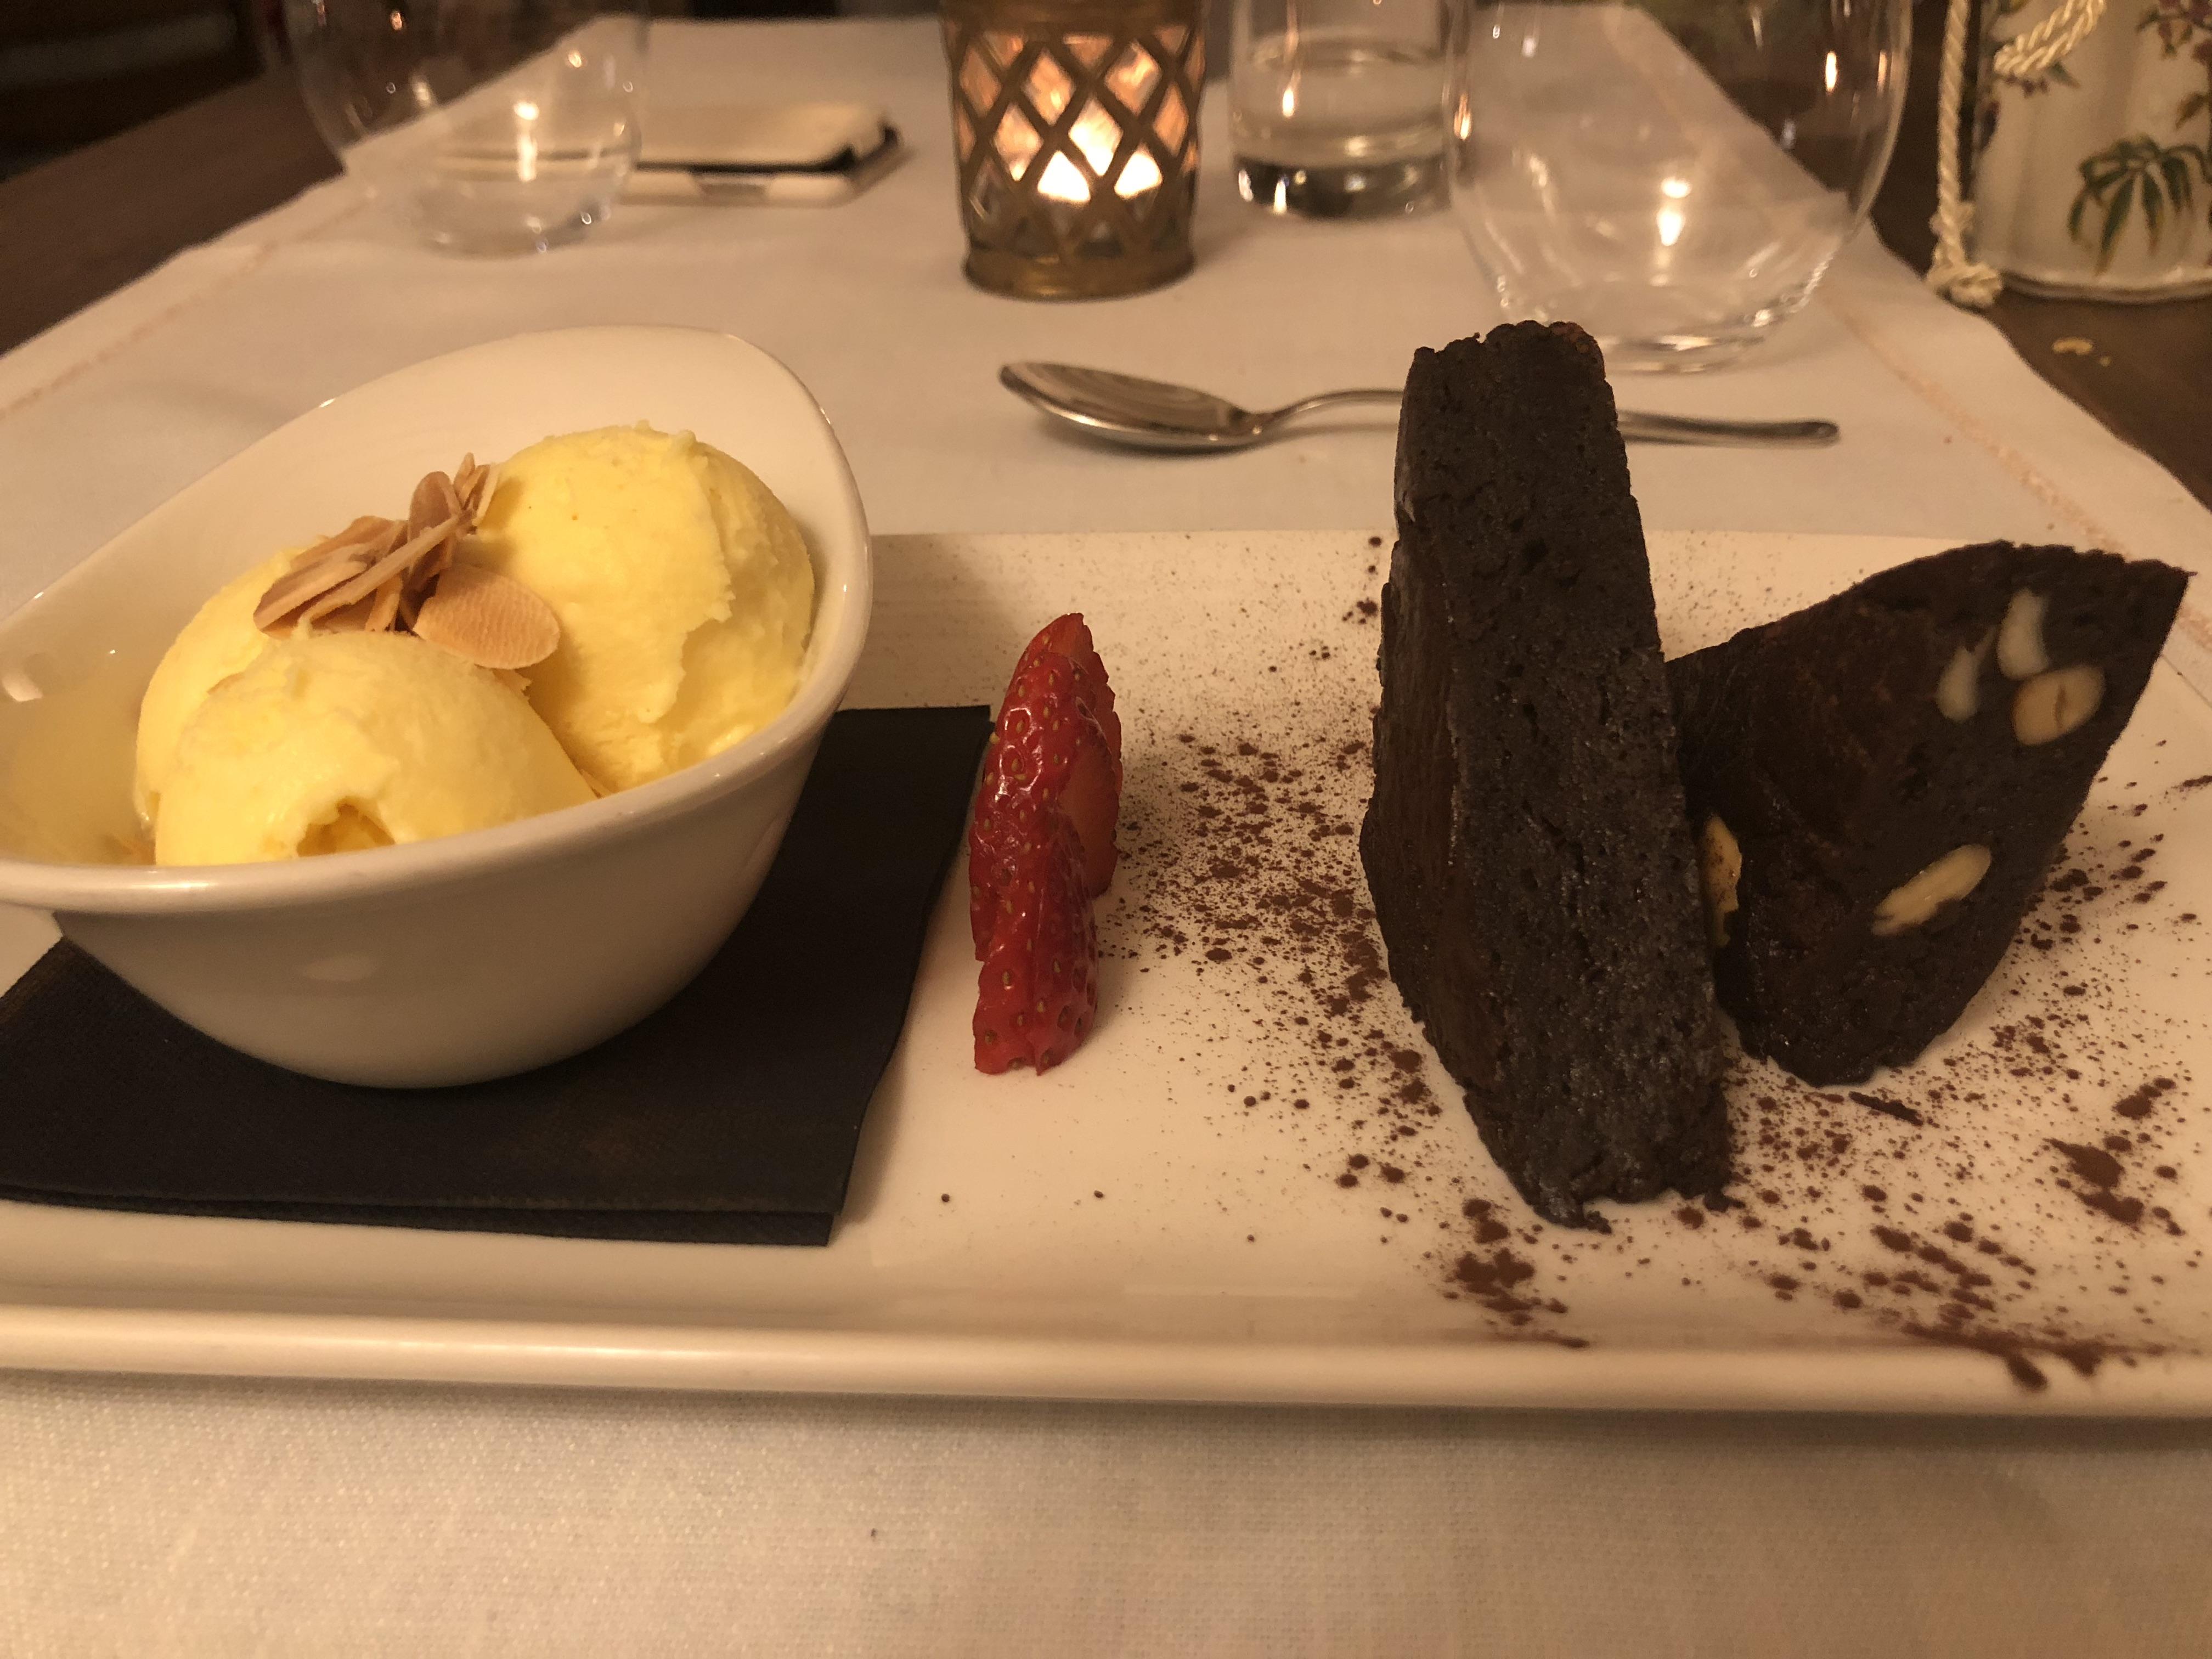 Brownie con nueces y helado de vainilla